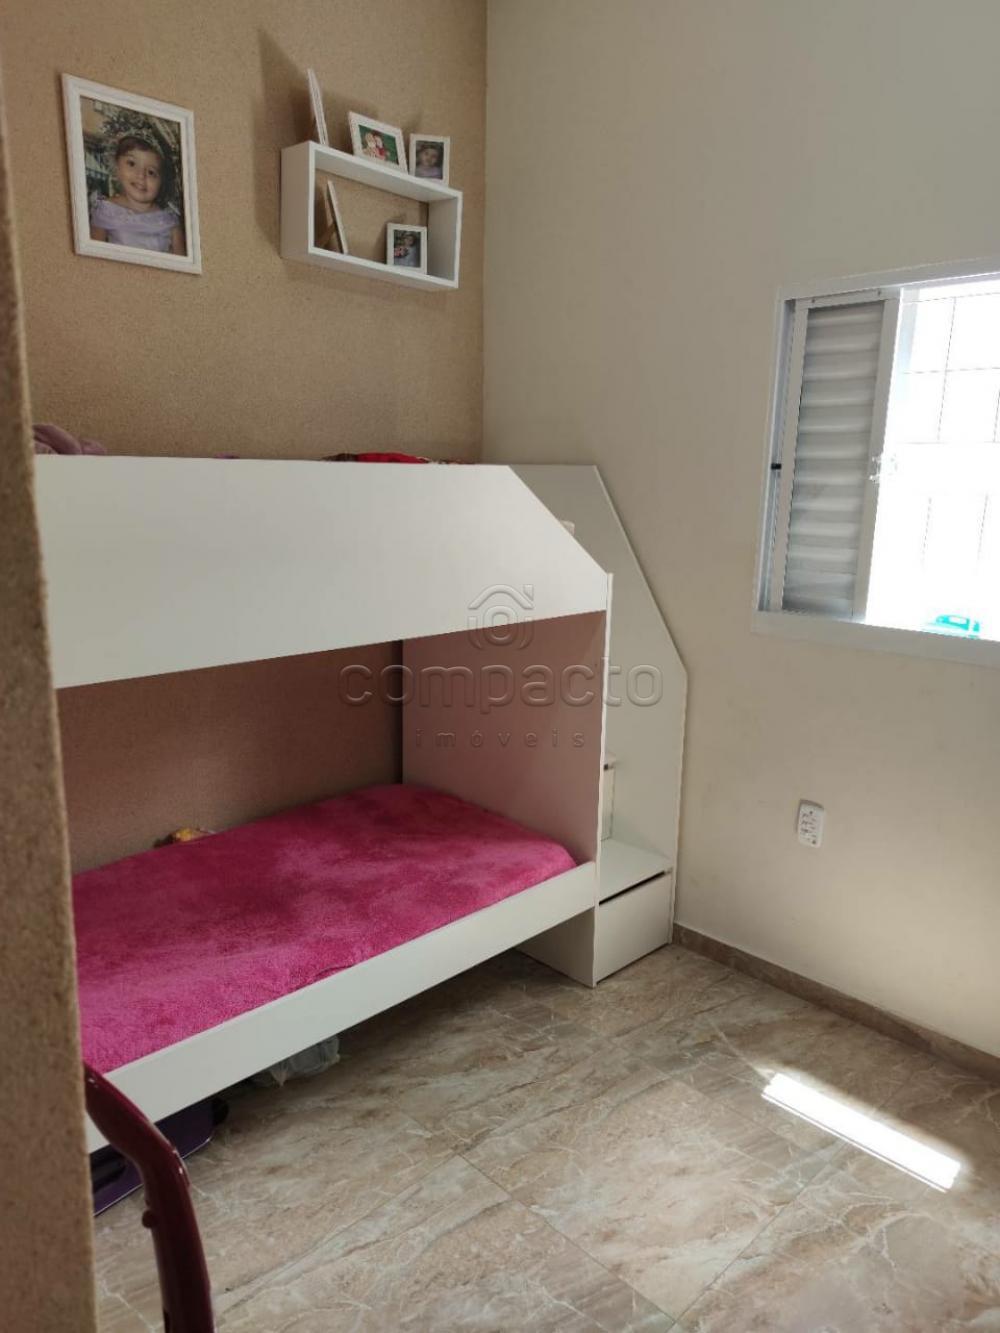 Comprar Casa / Padrão em Mirassol apenas R$ 350.000,00 - Foto 9